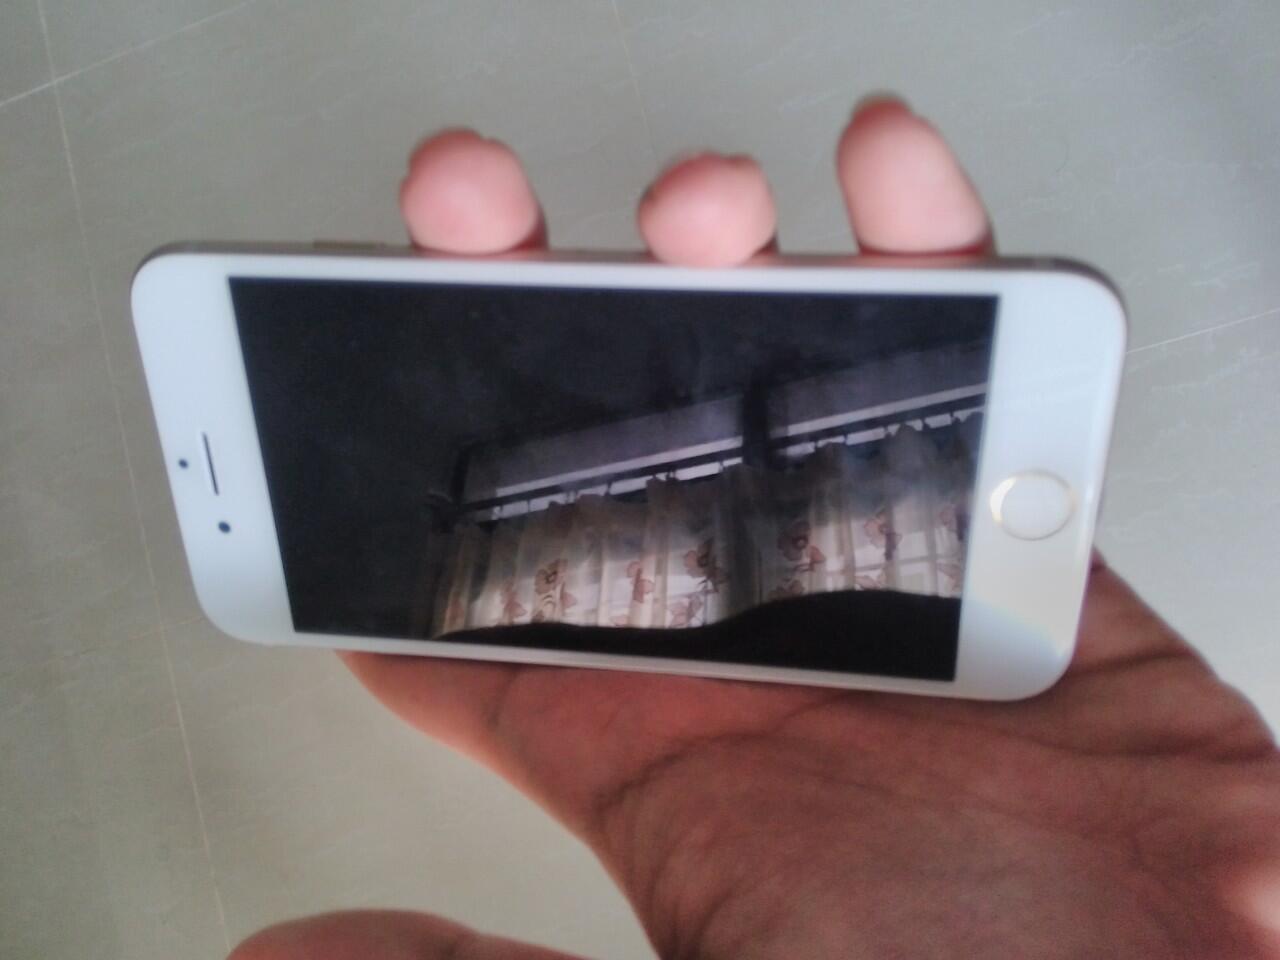 Review Iphone 6 Pengguna Kaskus 64gb Garansi Distributor